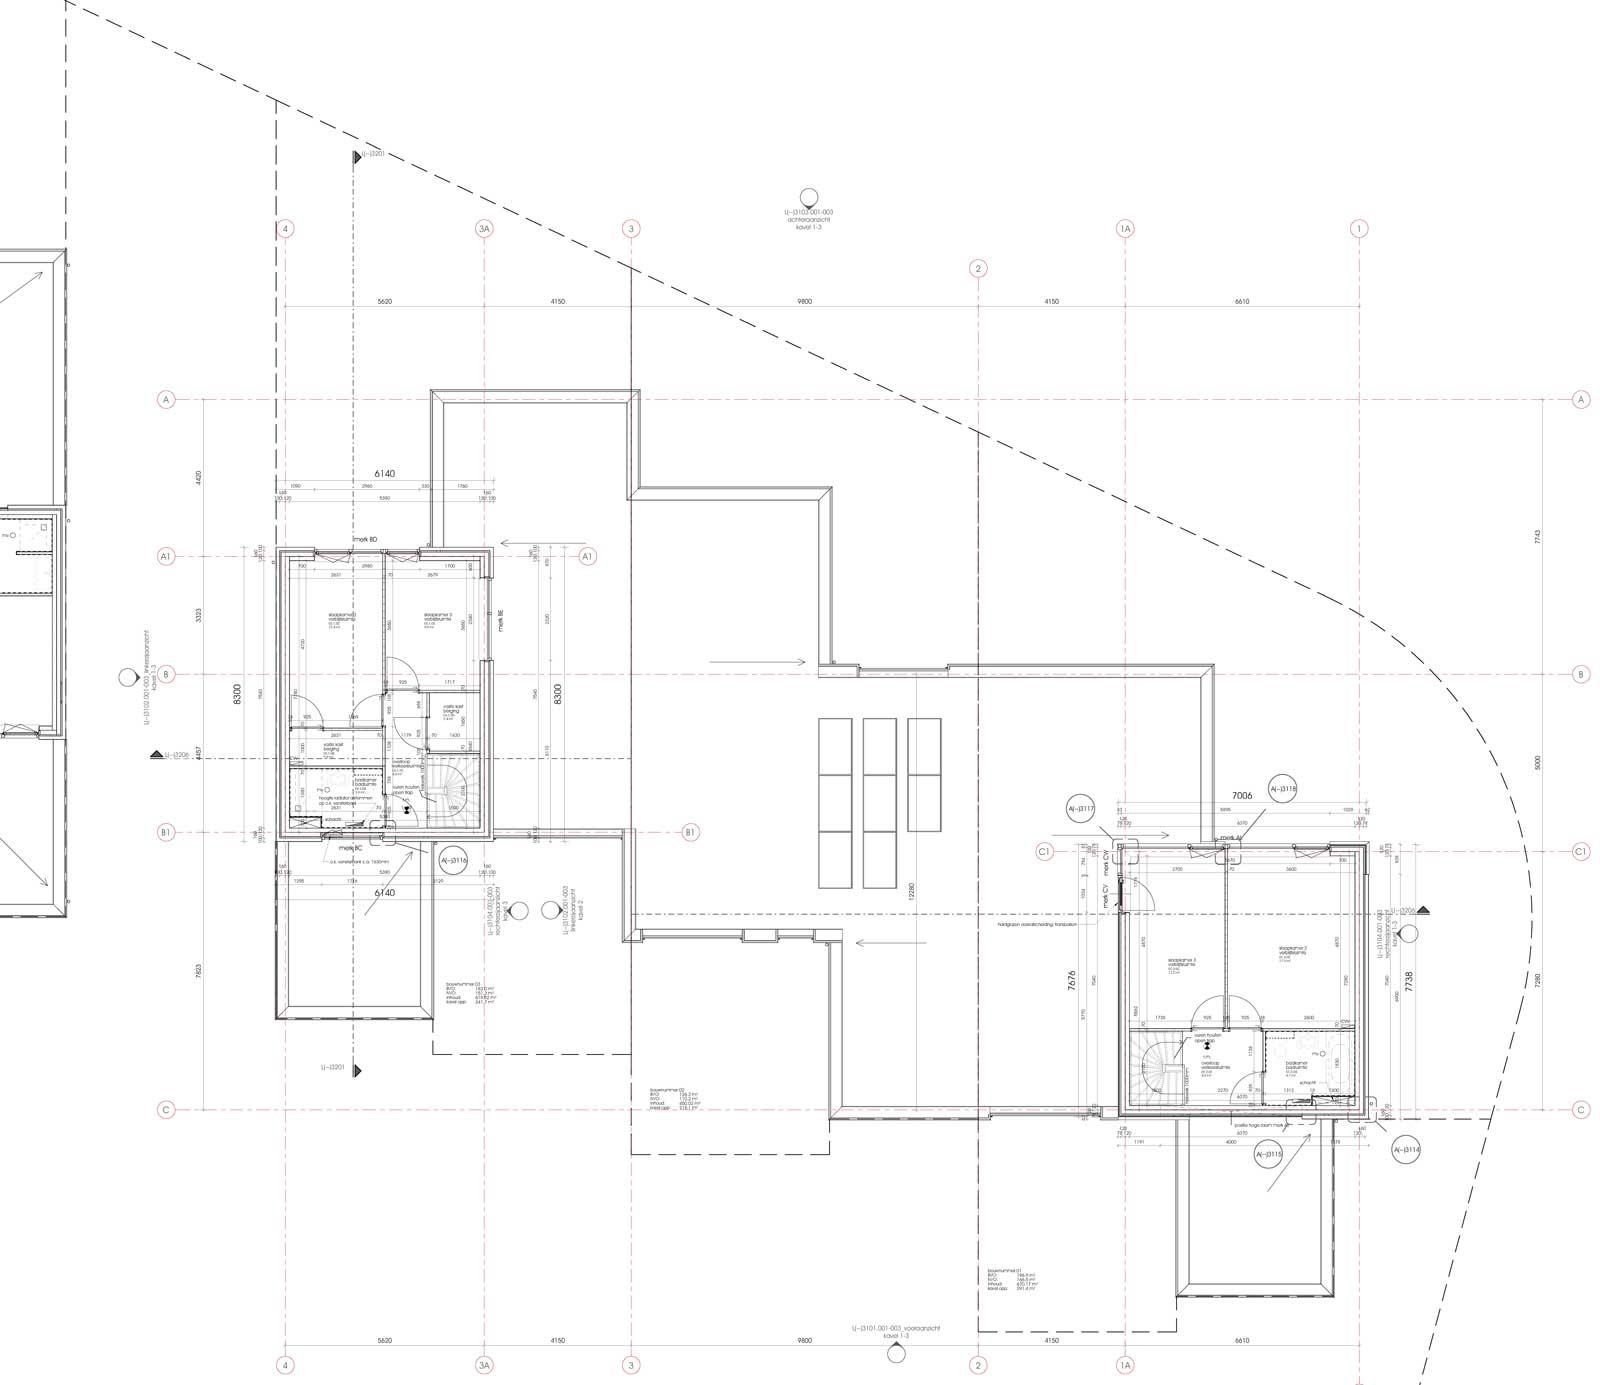 Teylingerhof Bleiswijk CPO Patiowoningen - Eerste verdieping bouwnummer 1 t/m 3